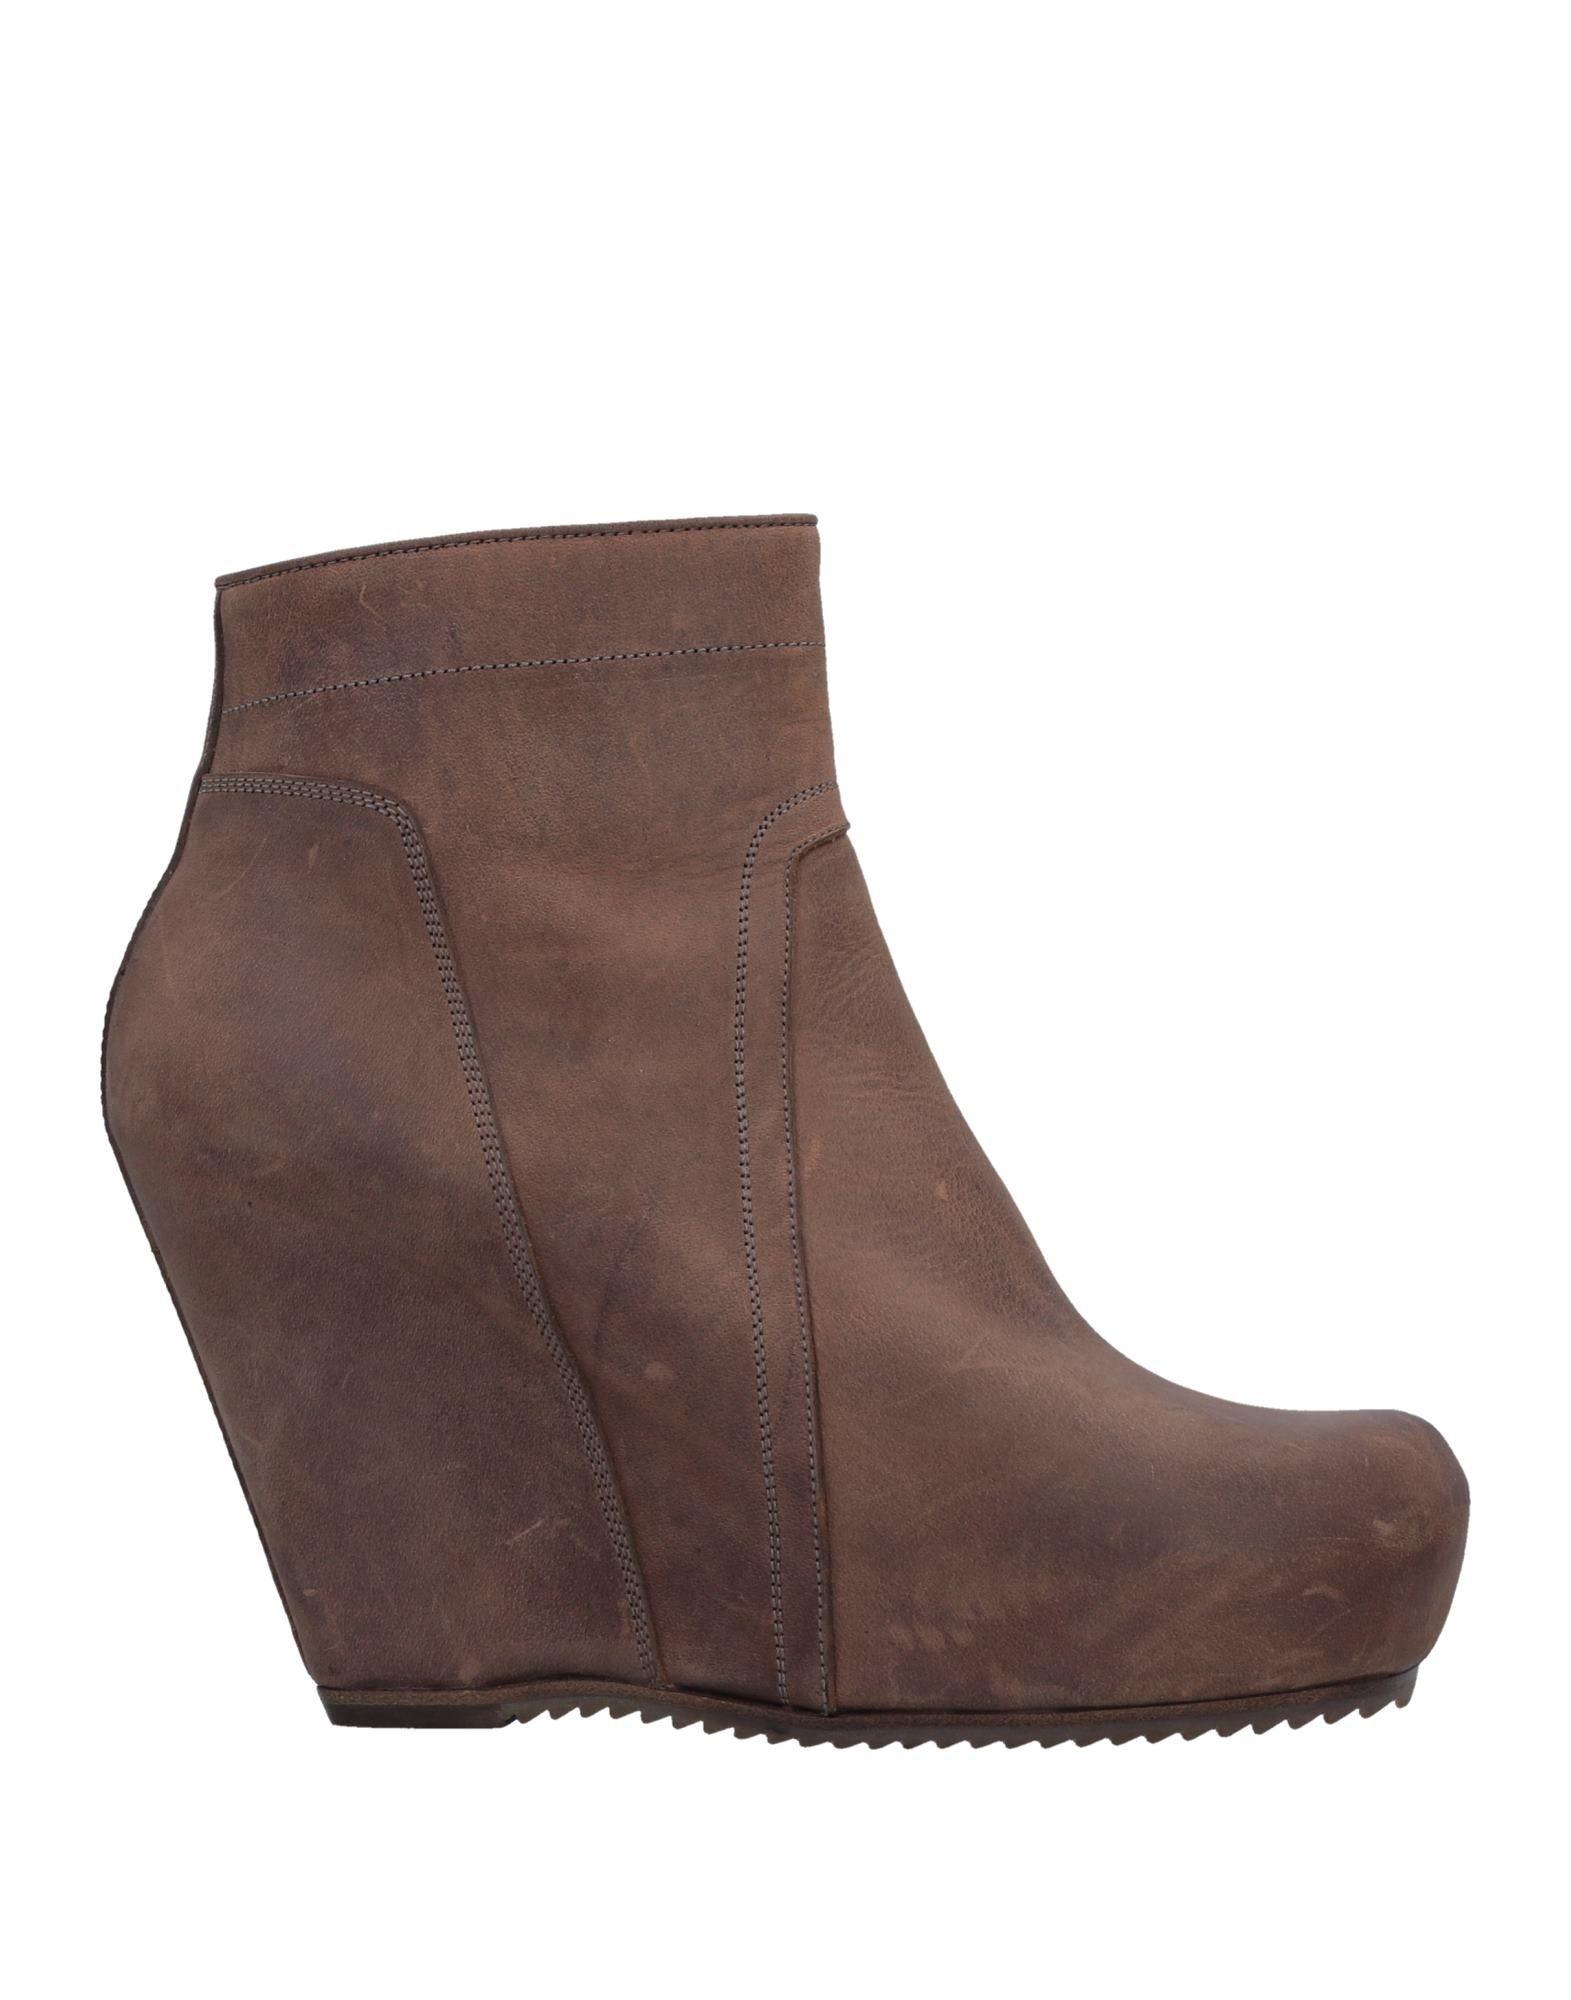 Rick Owens Stiefelette Damen Schuhe  11509249MKGünstige gut aussehende Schuhe Damen 75aaf7